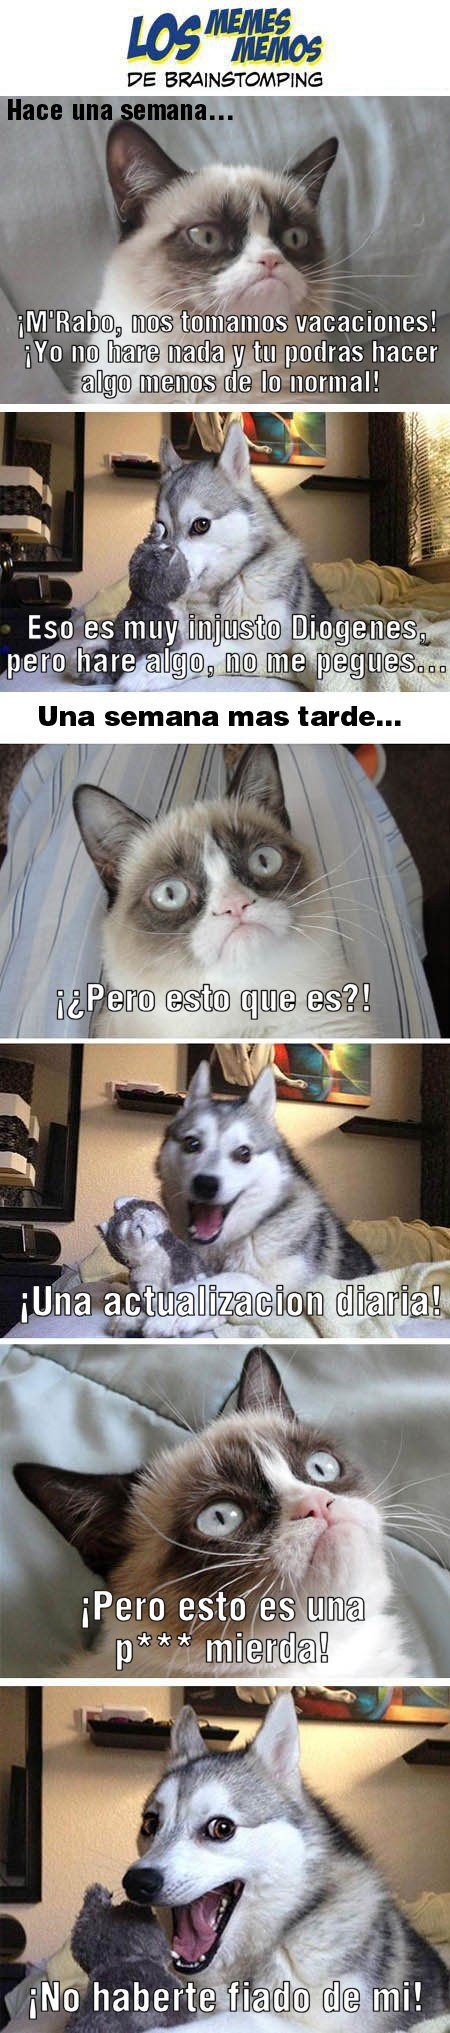 los-memes-memos-de-brainstomping-diogenes-gato-mrabo-perro